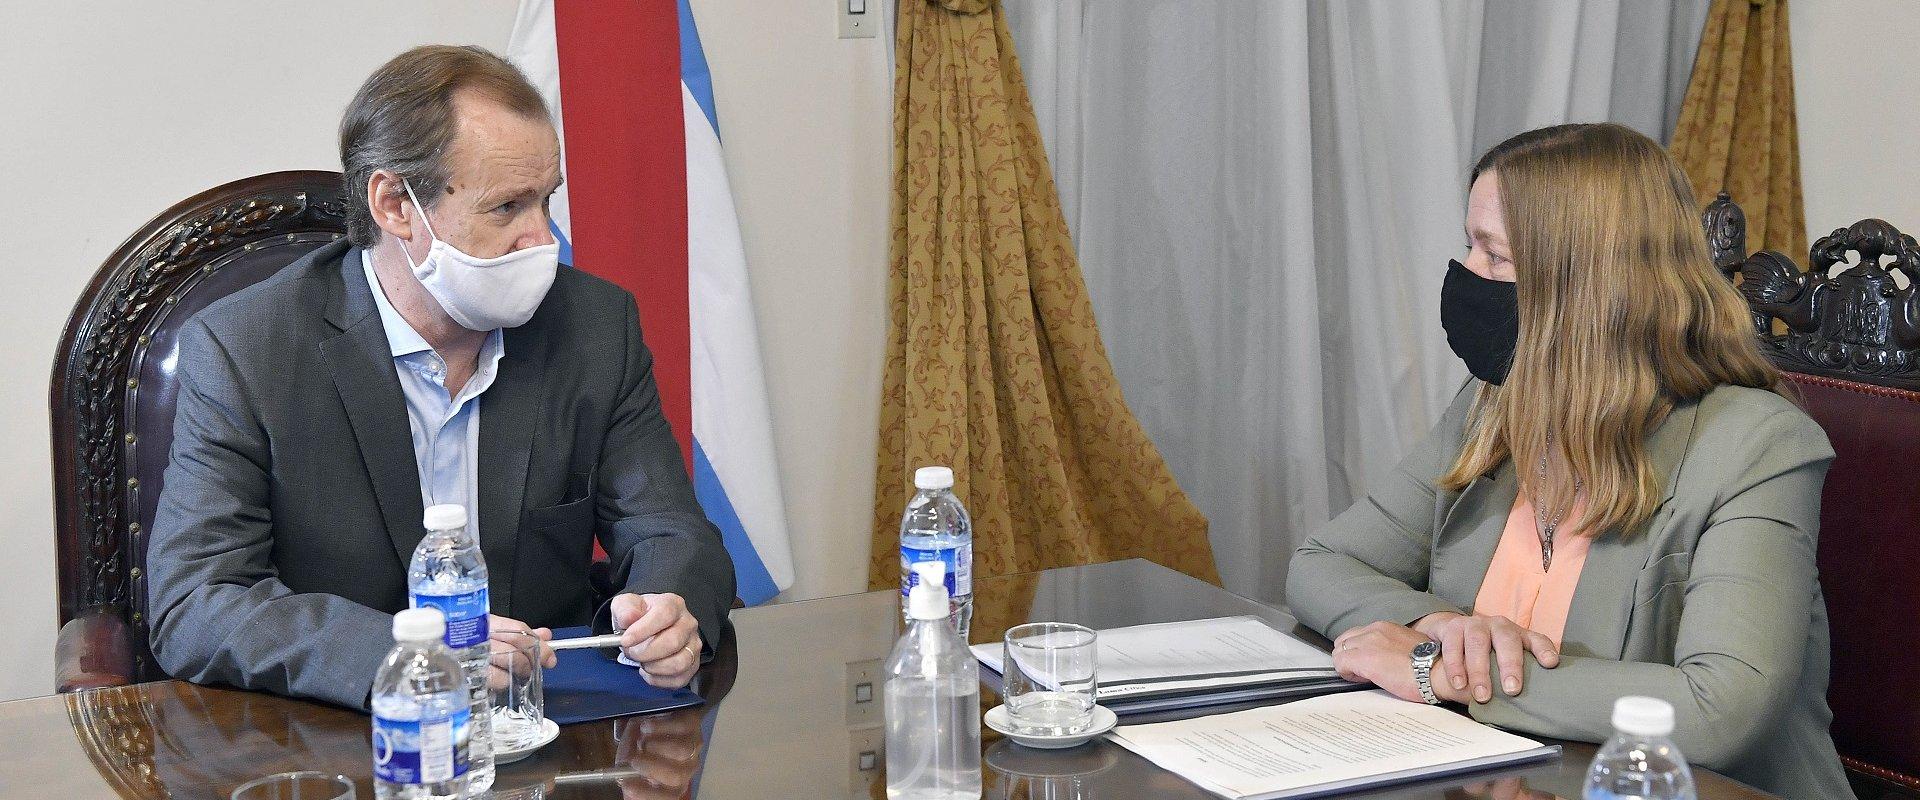 Bordet recibió a la Intendenta de Gualeguay para retomar gestiones iniciadas por Bogdan